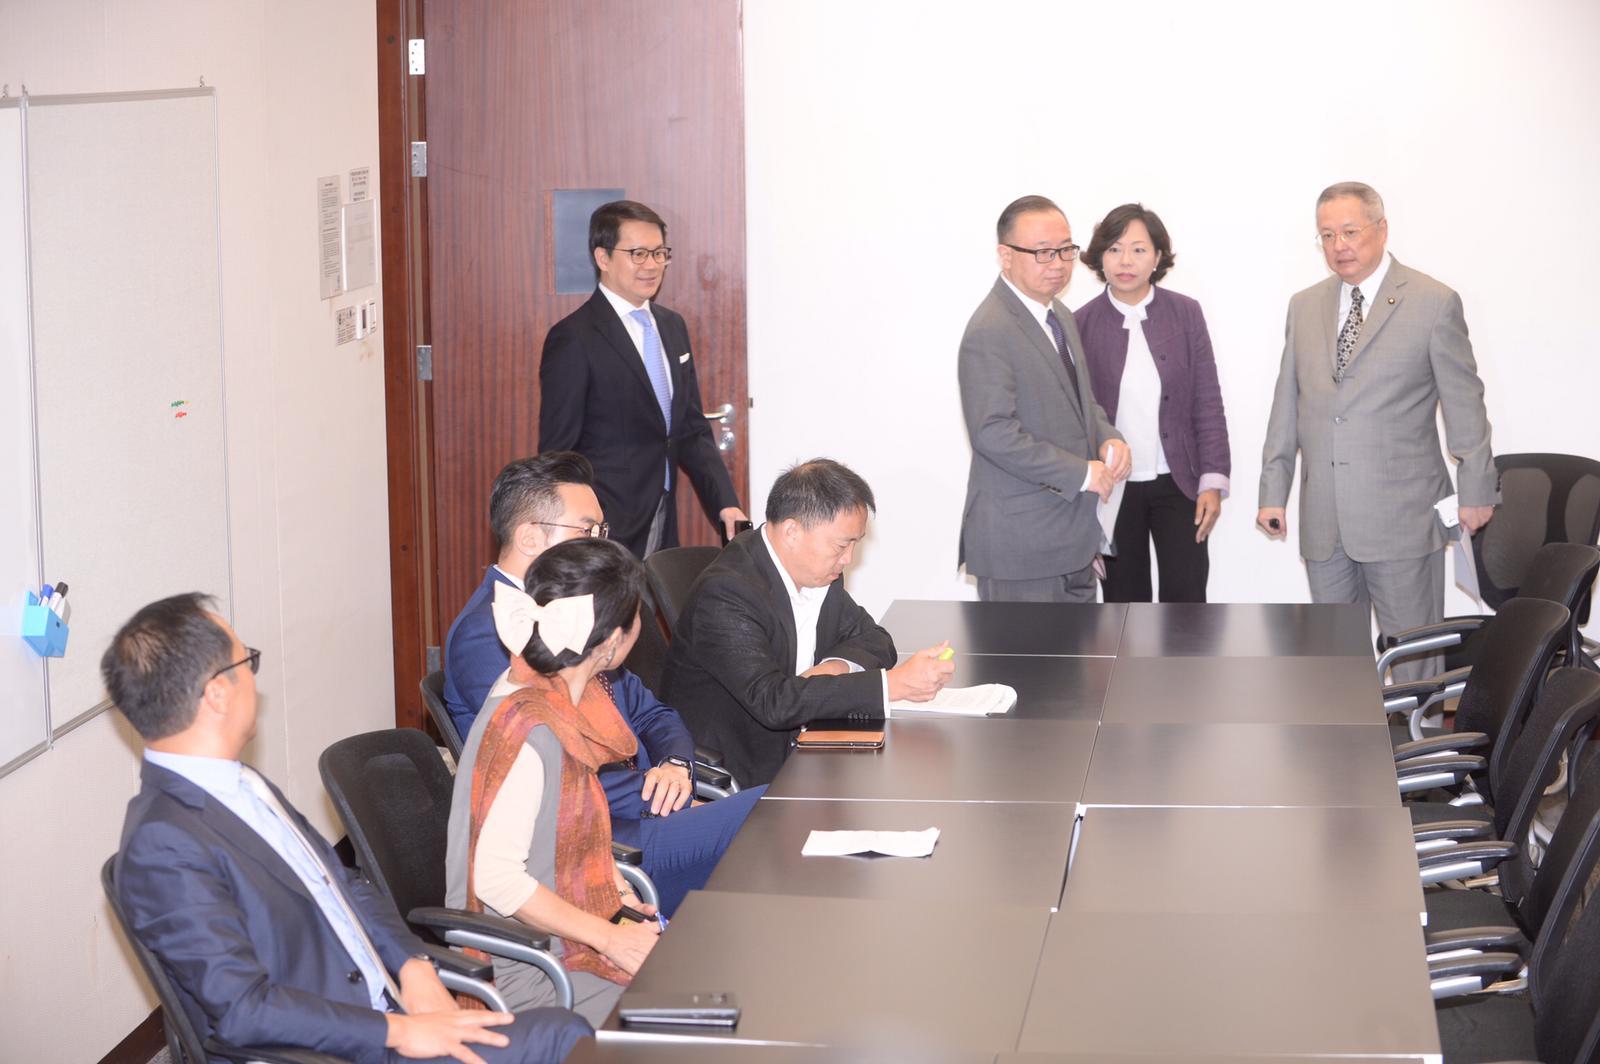 立法會民主派與建制派議員早上舉行協商會議。